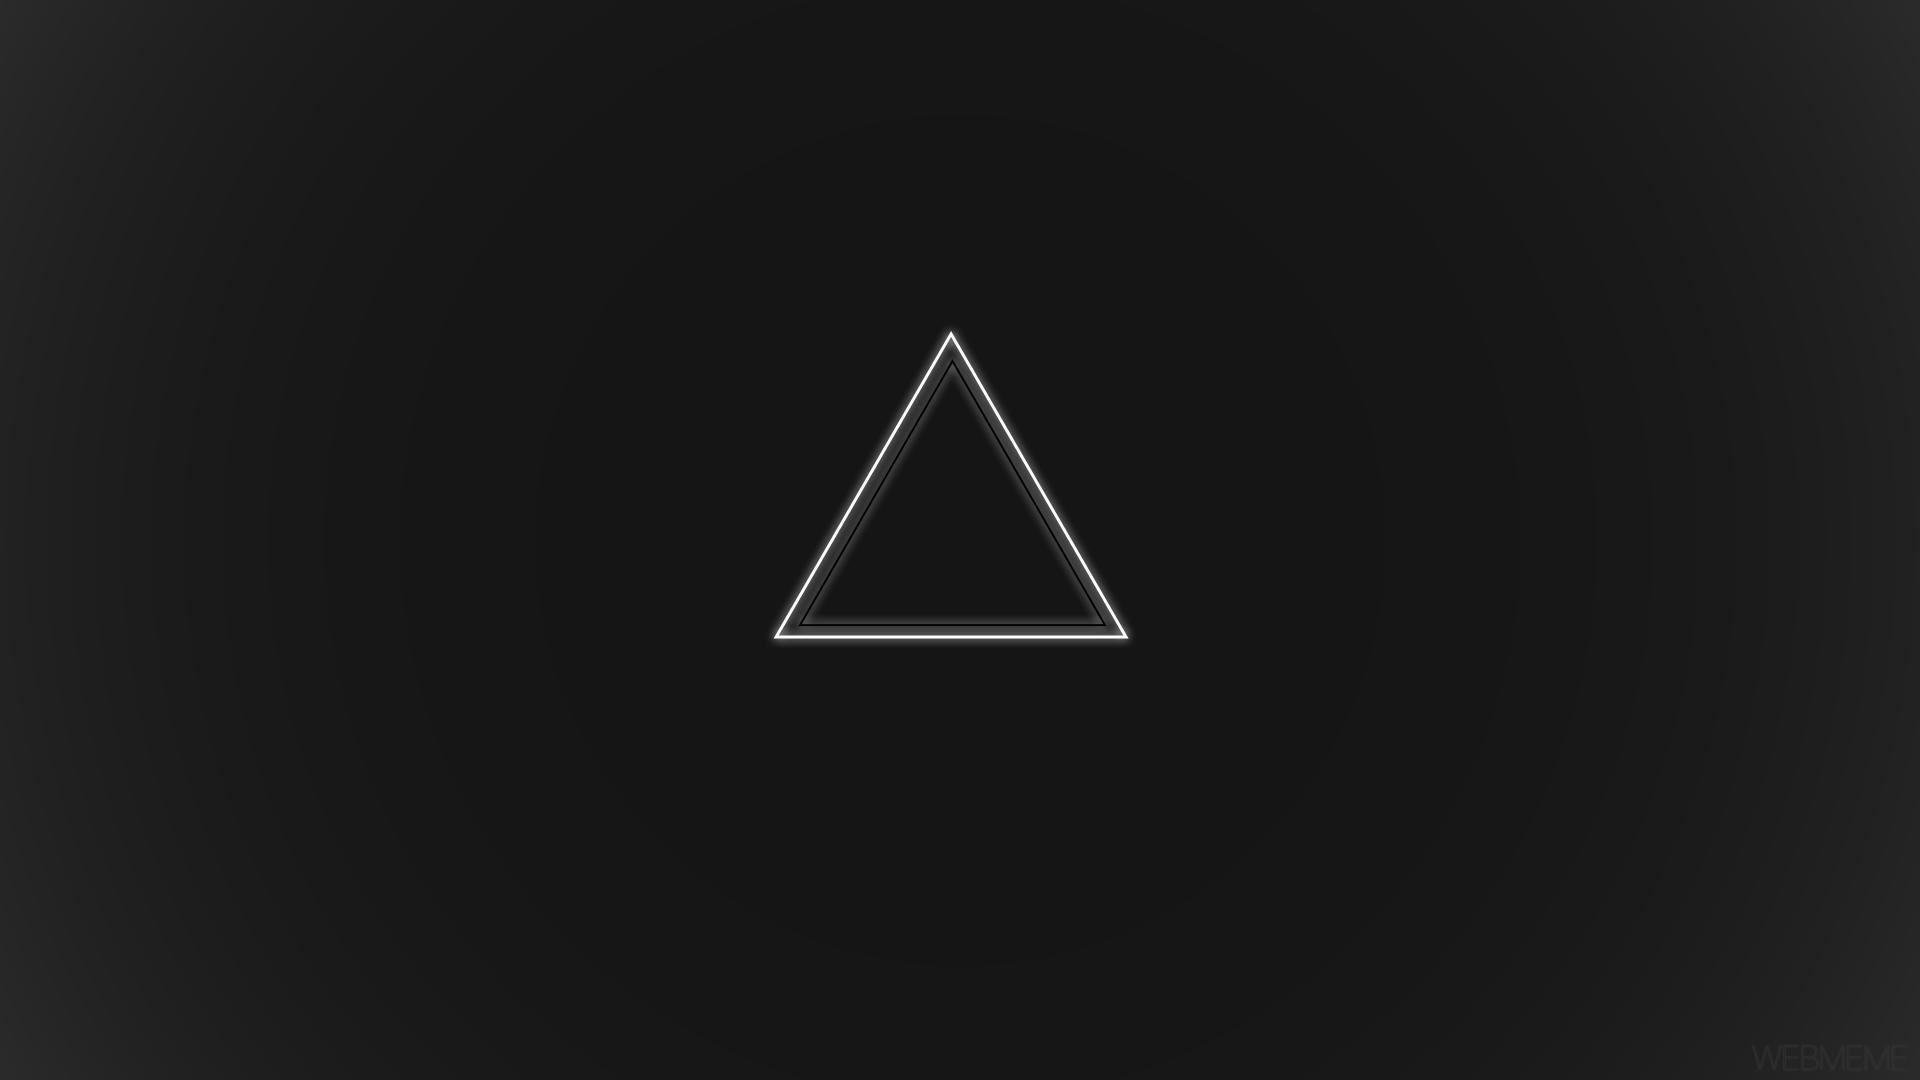 Gravity Falls Hd Wallpaper 1080p Wallpaper White Black Minimalism Logo Symmetry